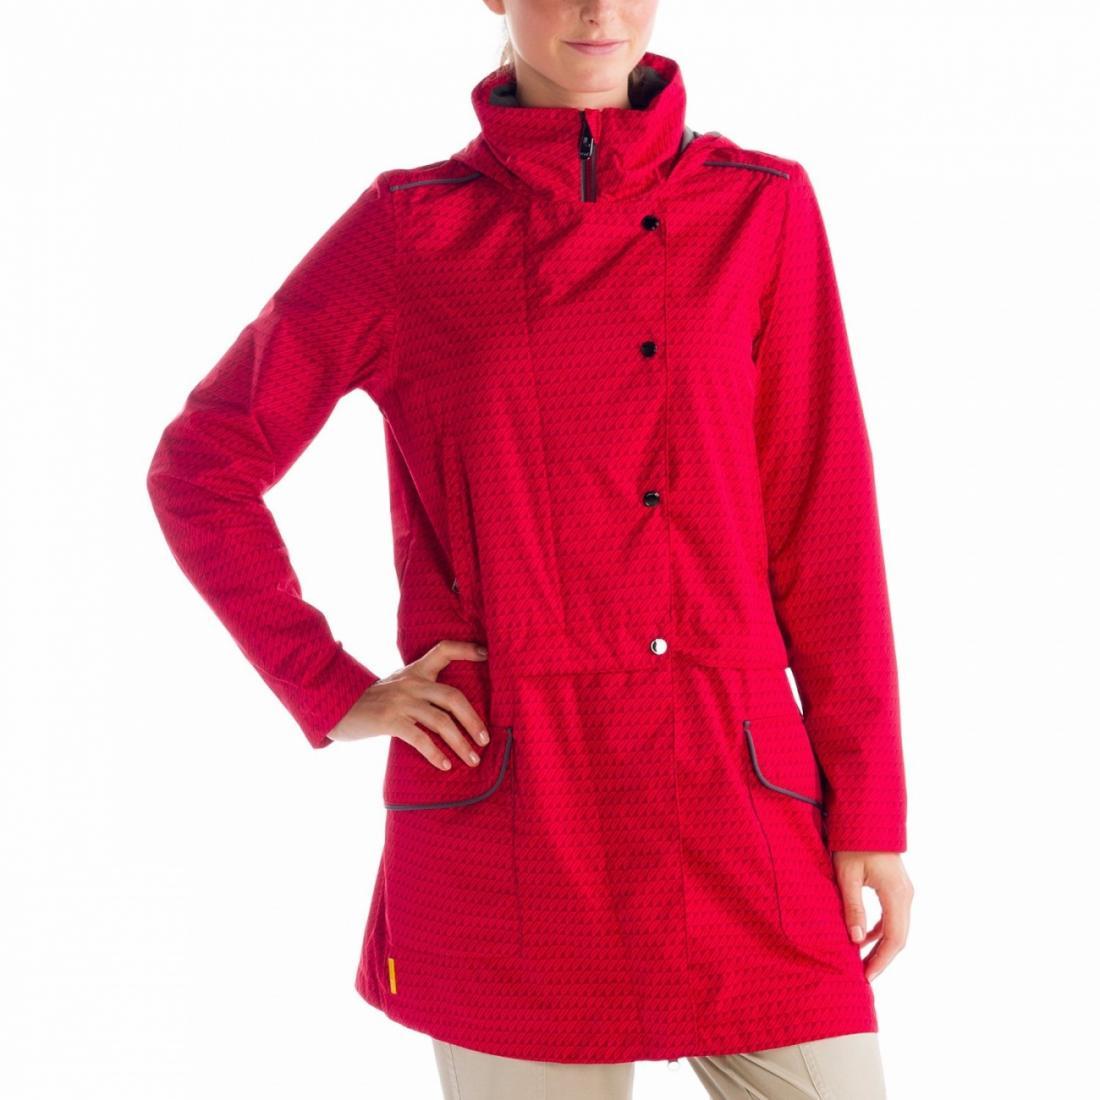 Куртка LUW0222 KENSINGTON JACKETКуртки<br>Спортивная одежда может быть не только функциональной, но и стильной. Отличный тому пример – куртка Kensington Jacket от Lole. Она не только подарит комфорт в непогоду, но и станет ярким акцентом повседневного образа.<br><br><br><br>Материал, из к...<br><br>Цвет: Красный<br>Размер: M